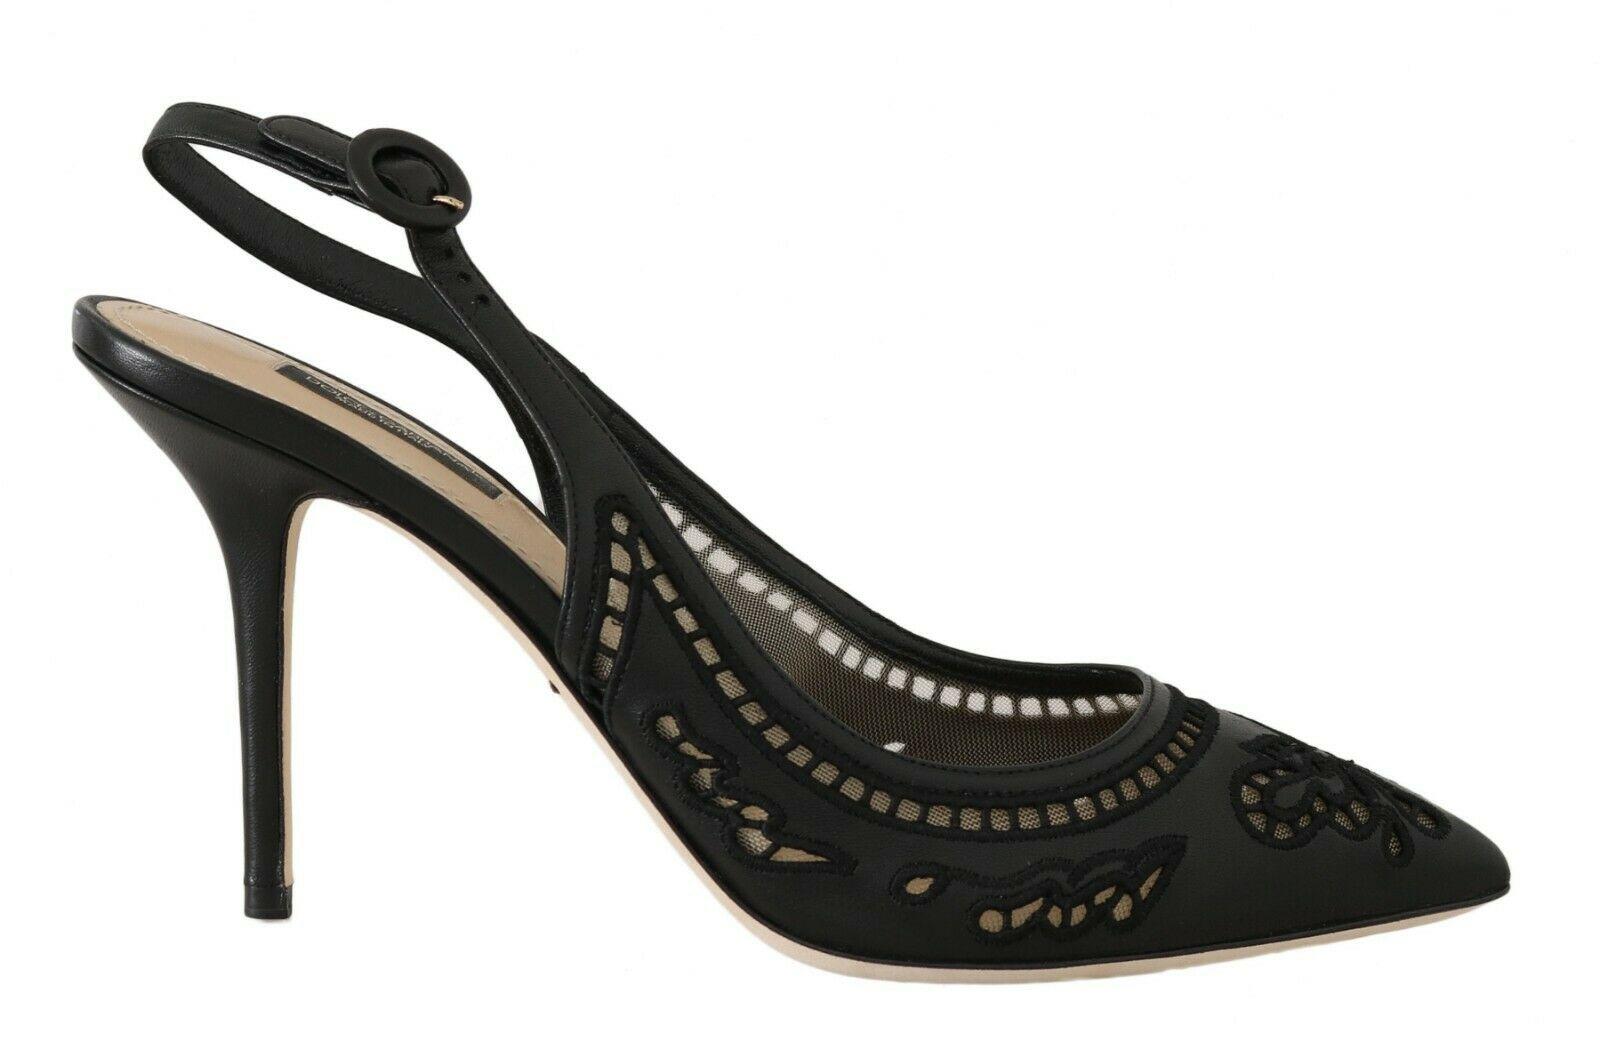 Dolce & Gabbana Women's Floral Cutout Pumps Black LA5605 - EU35/US4.5